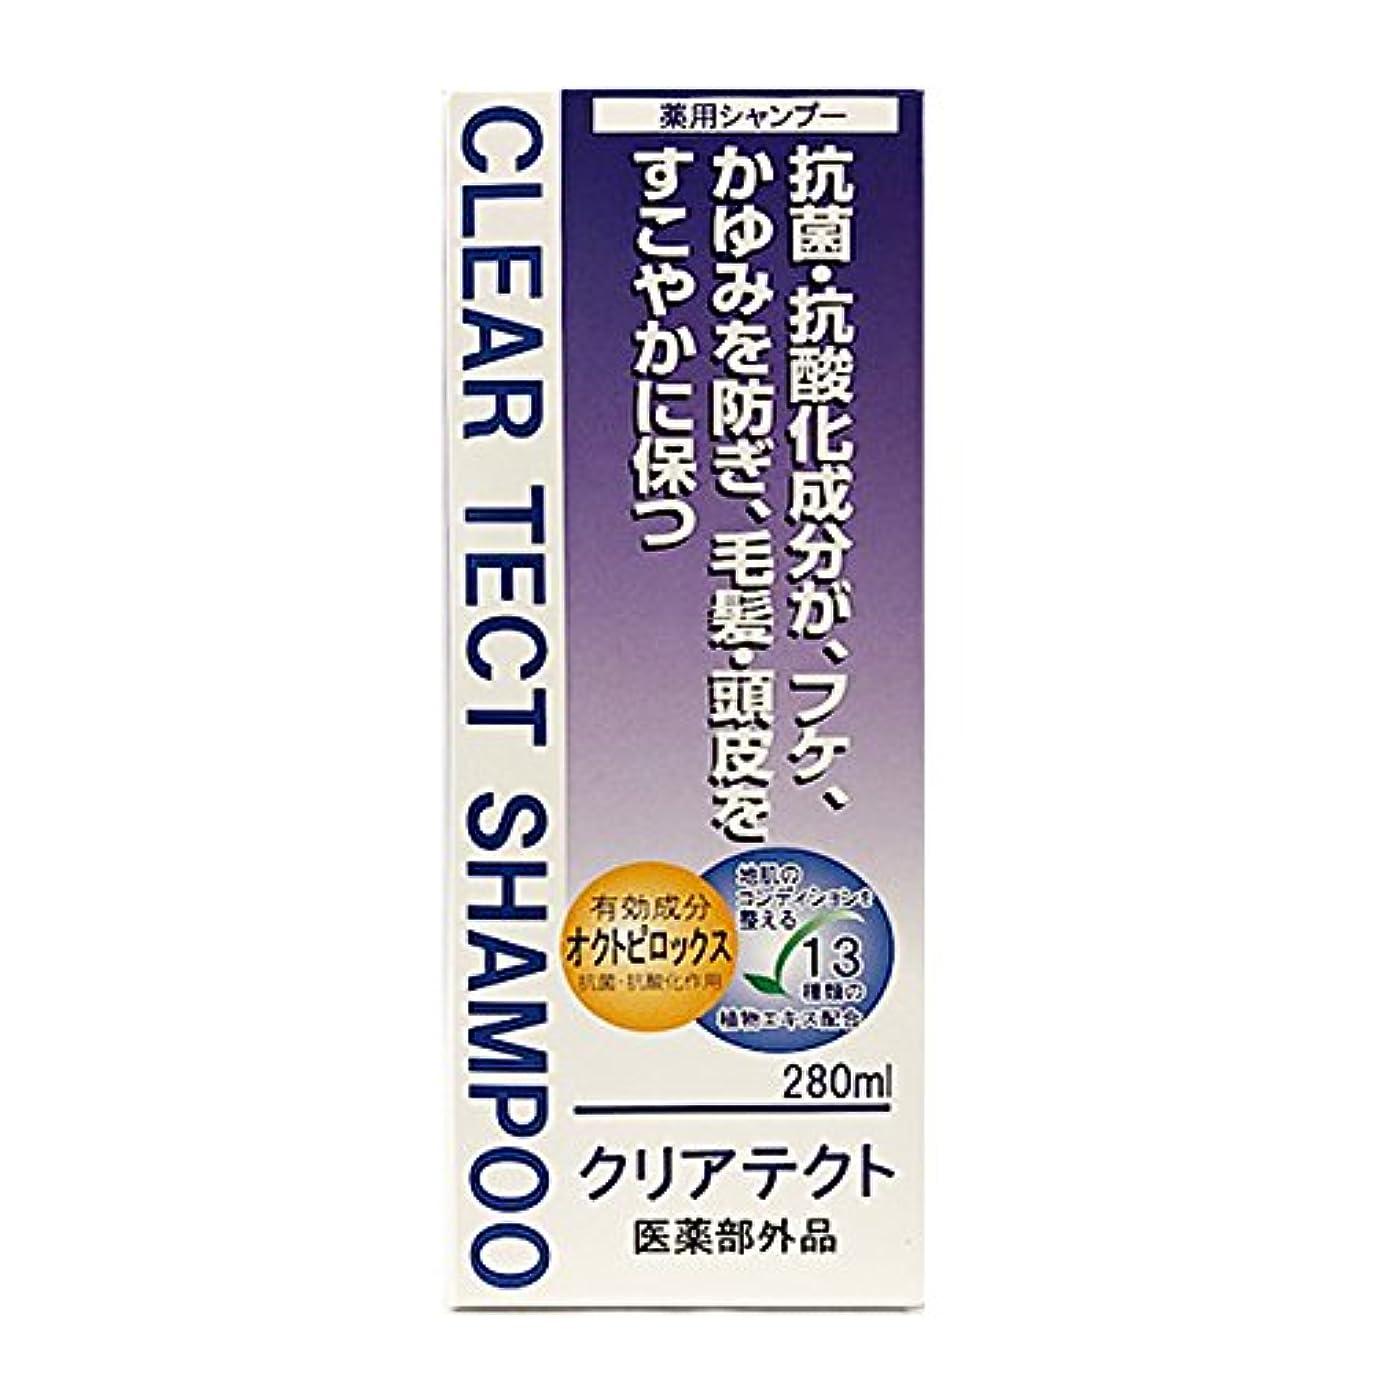 ビルダー痴漢比較【医薬部外品】クリアテクト薬用シャンプーa 280ml